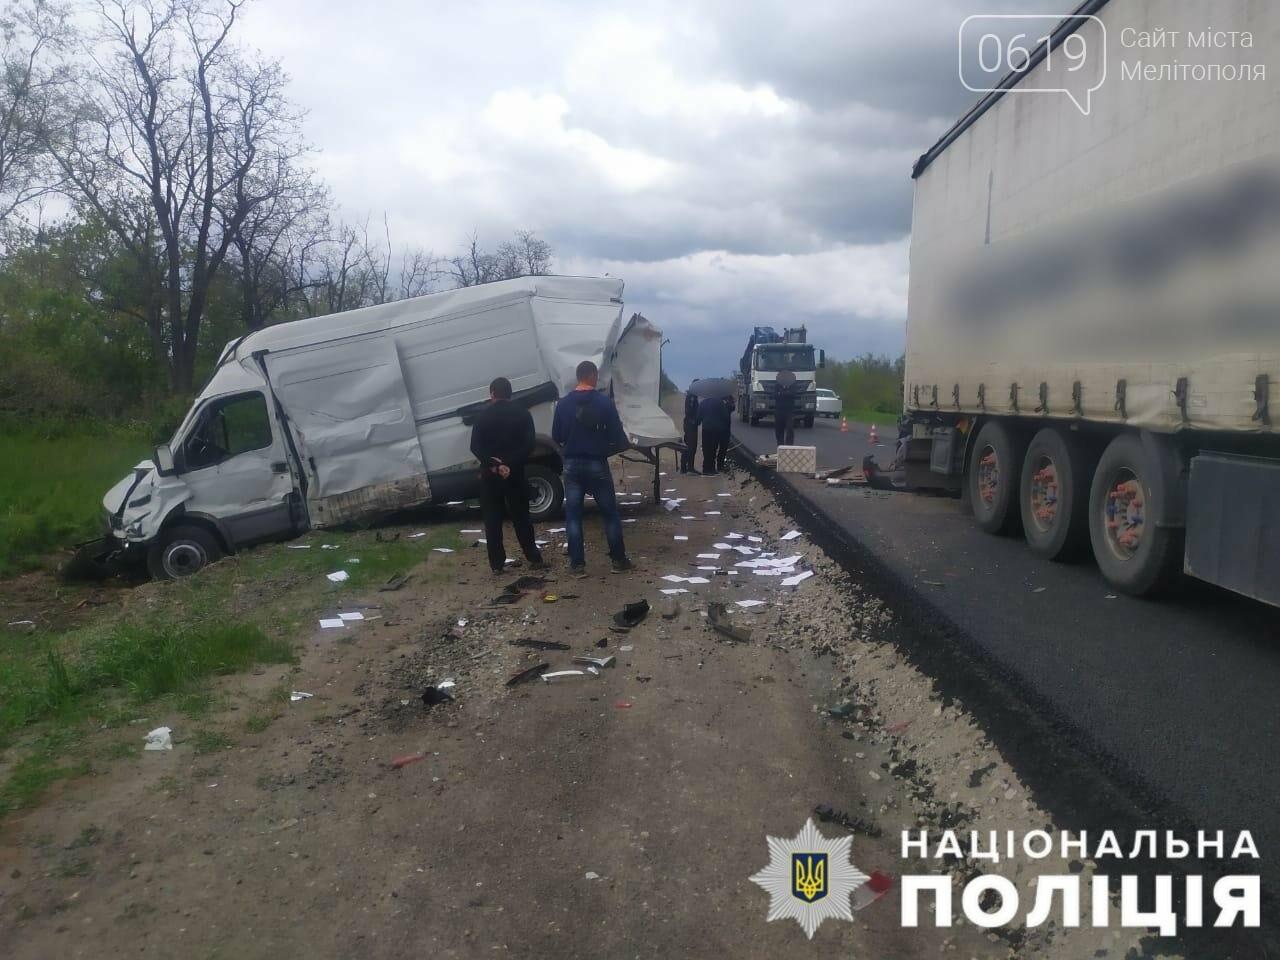 ДТП в Мелитопольском районе с участием 4 авто: пострадавшие - в больнице, фото-2